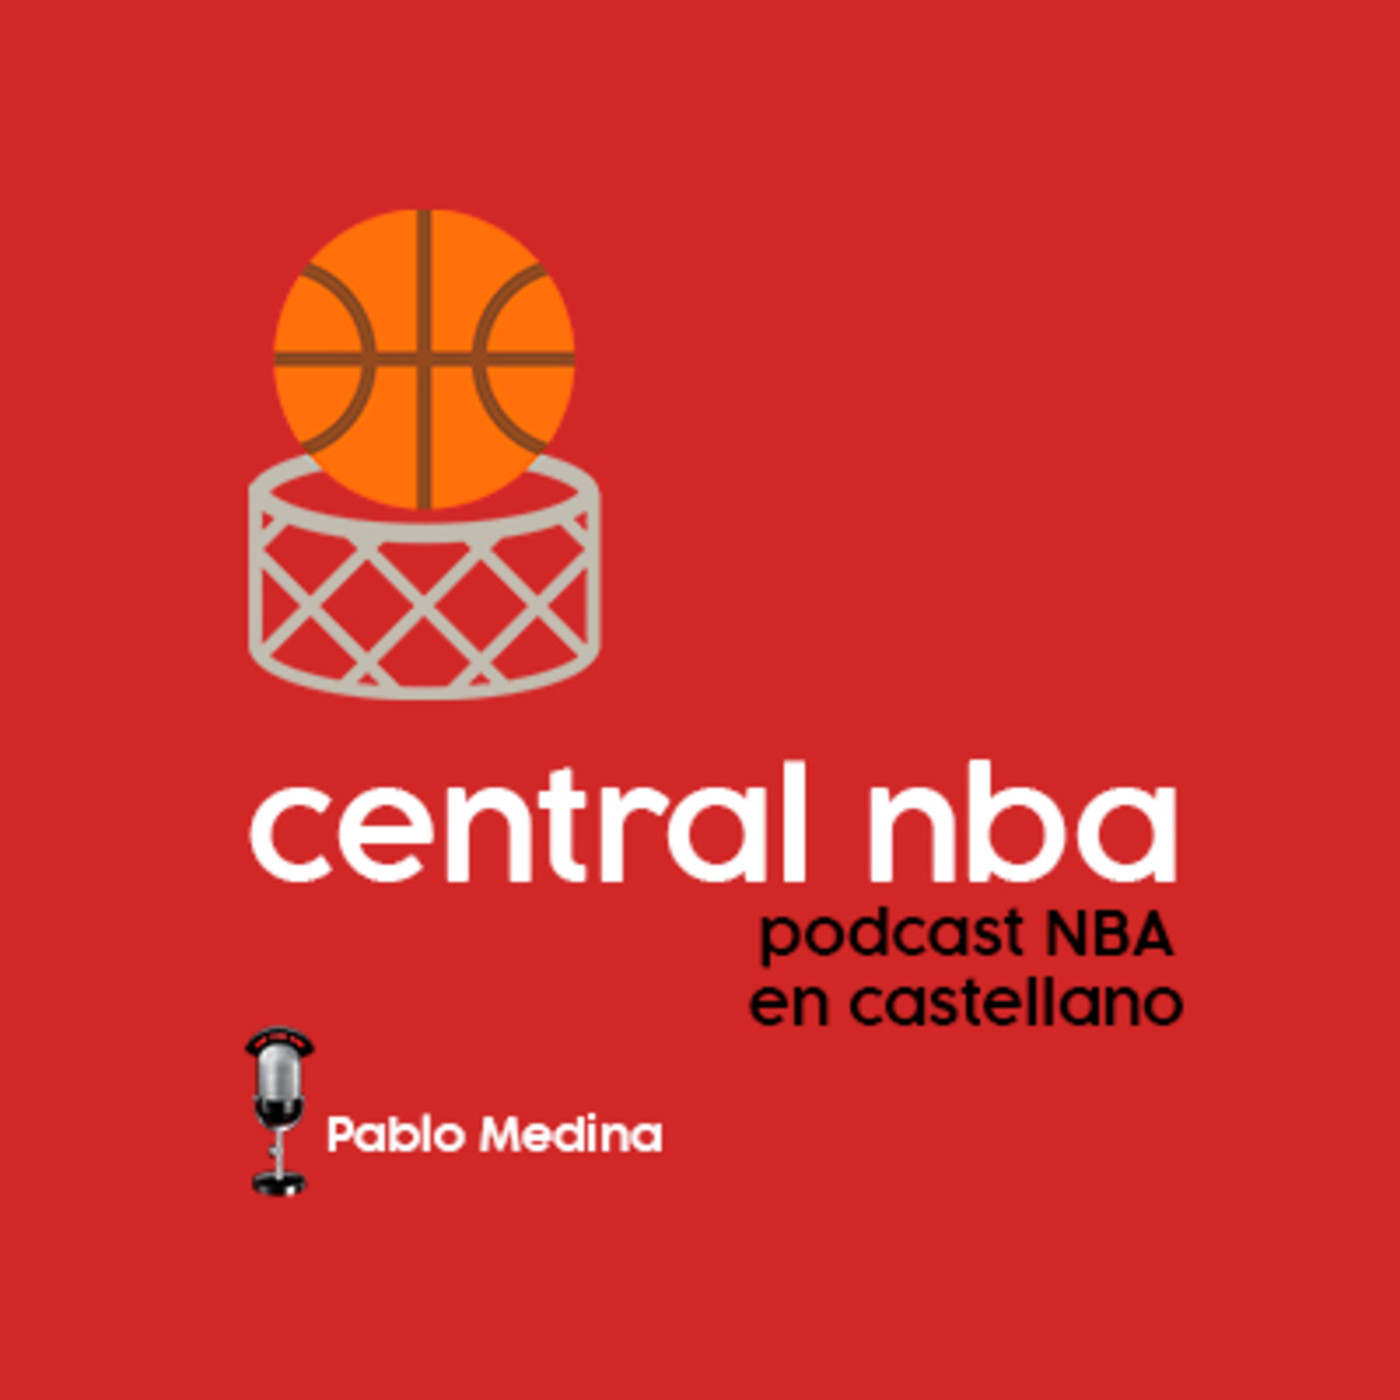 CENTRAL NBA - ACTUALIDAD DE LA NBA